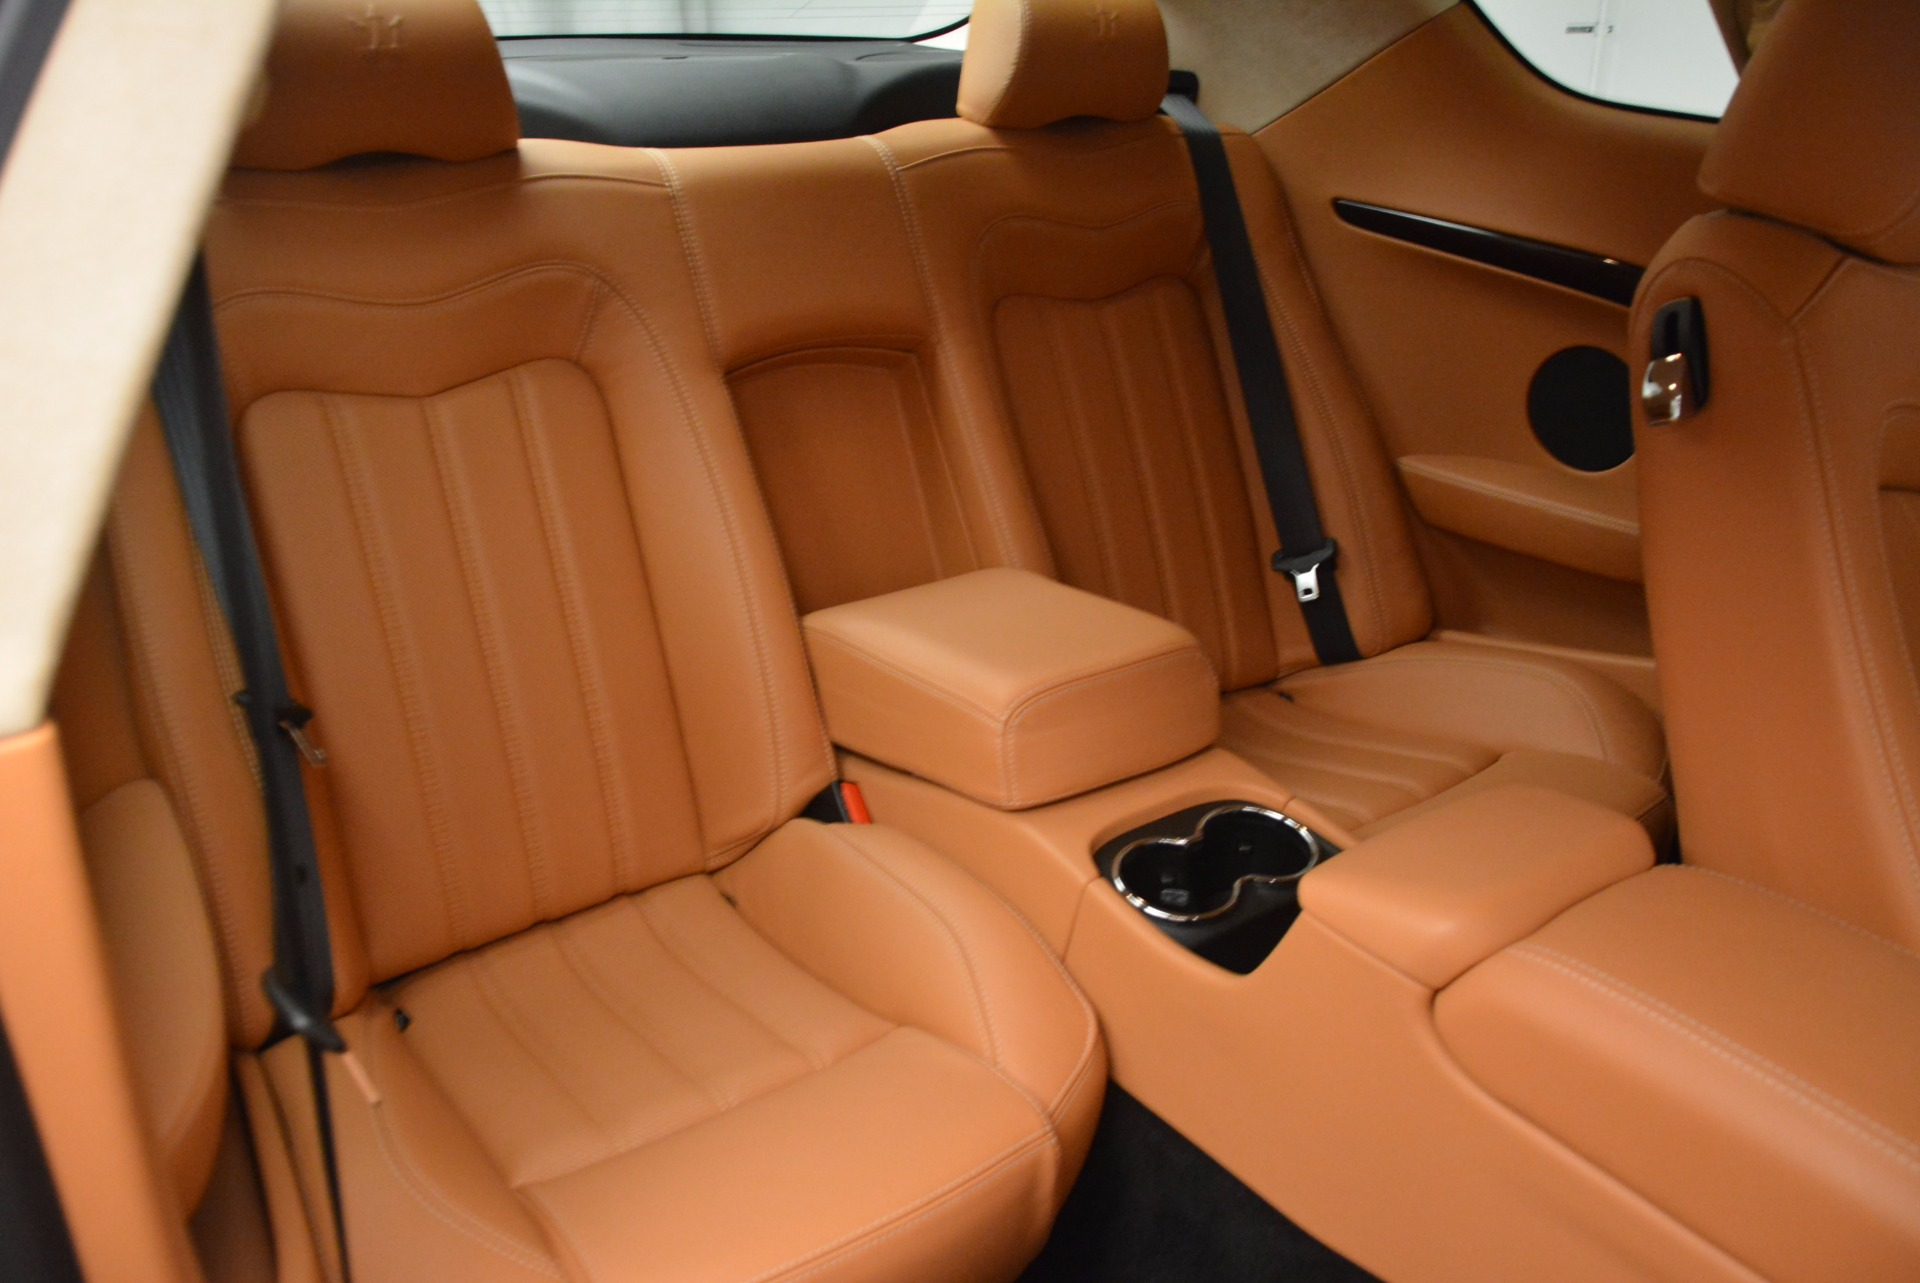 Used 2009 Maserati GranTurismo S For Sale In Greenwich, CT 1063_p20